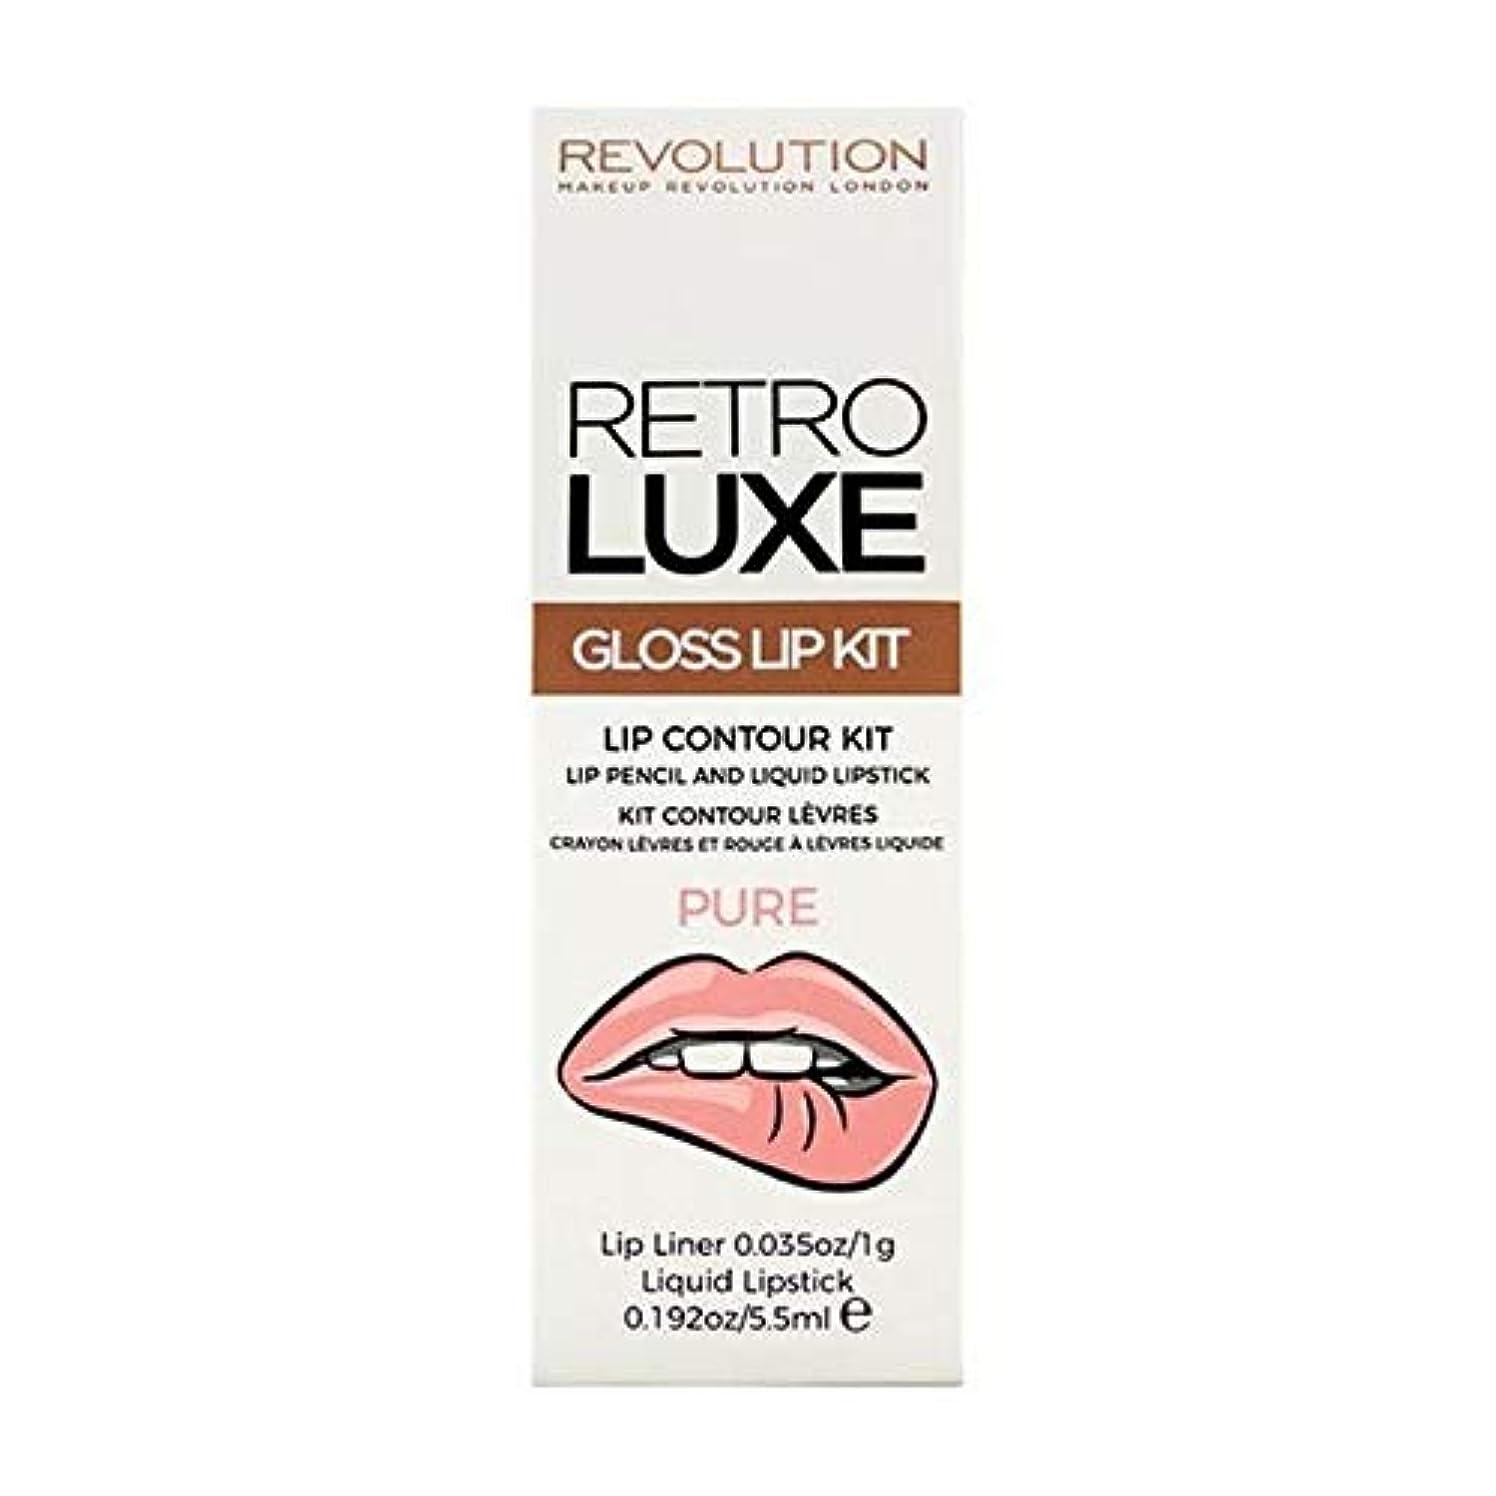 優しい開梱お手入れ[Revolution ] 革命のレトロラックスキットは、純粋な光沢 - Revolution Retro Luxe Kits Gloss Pure [並行輸入品]